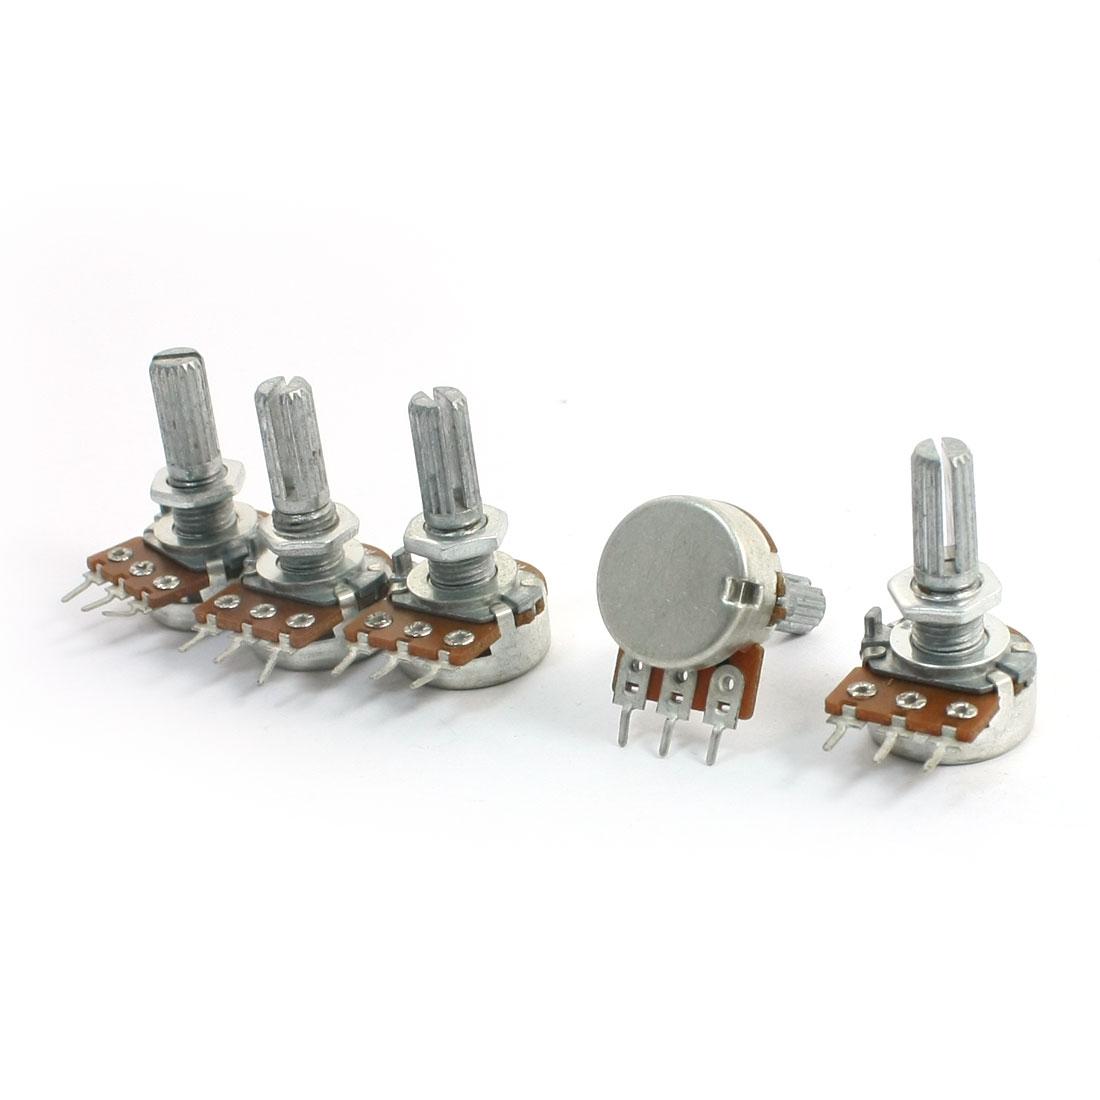 5Pcs B500K 13mm Rotating Metal Shaft 3 Soldering Terminals Taper Potentiometers